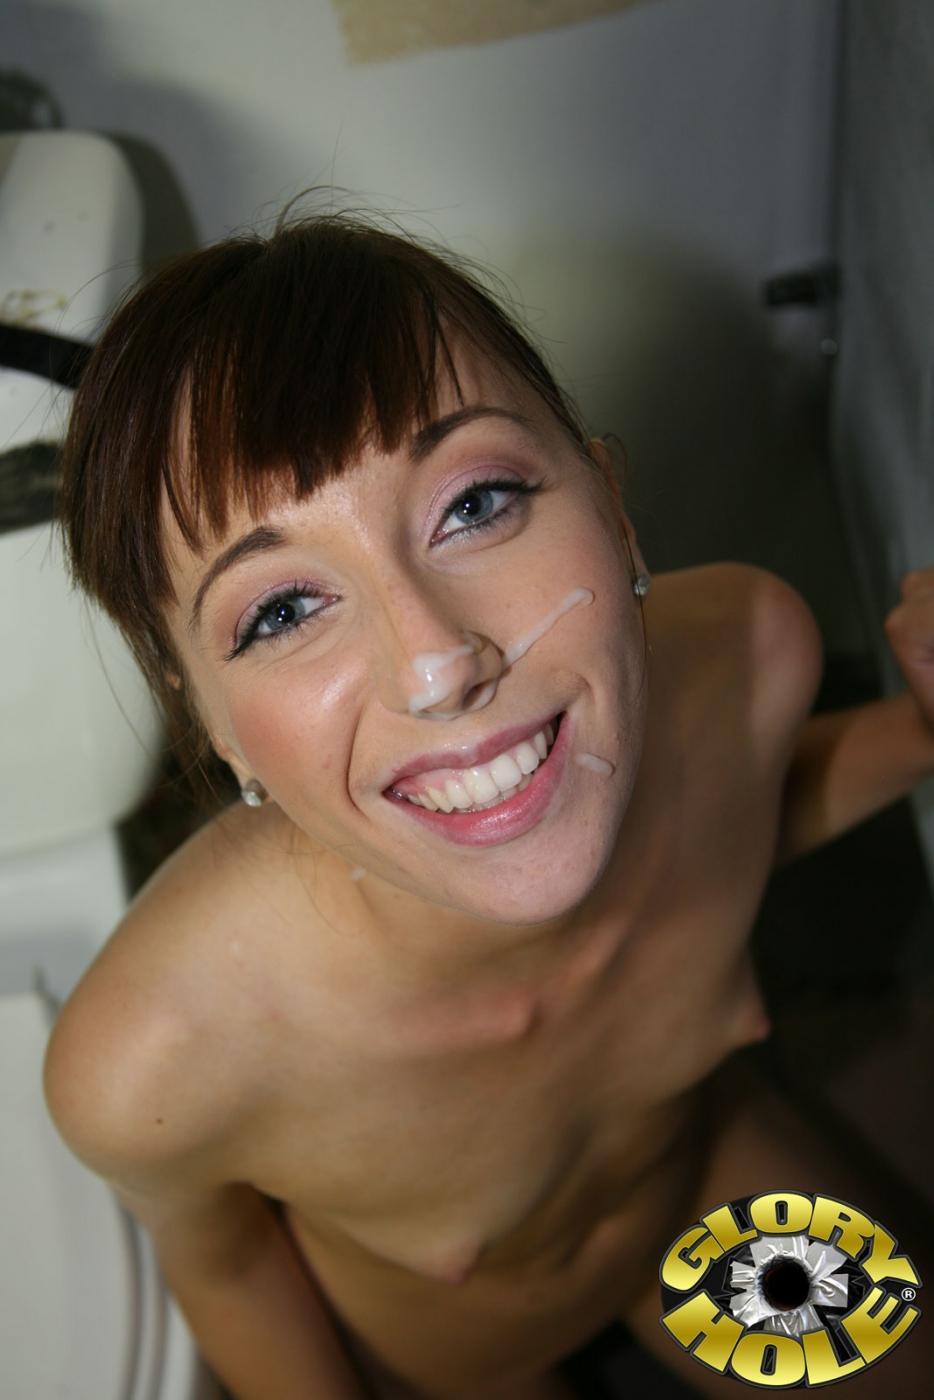 Визит в общественный туалет Lolita Haize переходит в межрассовый ебля с хуем из дыры. Порно хером дыры.